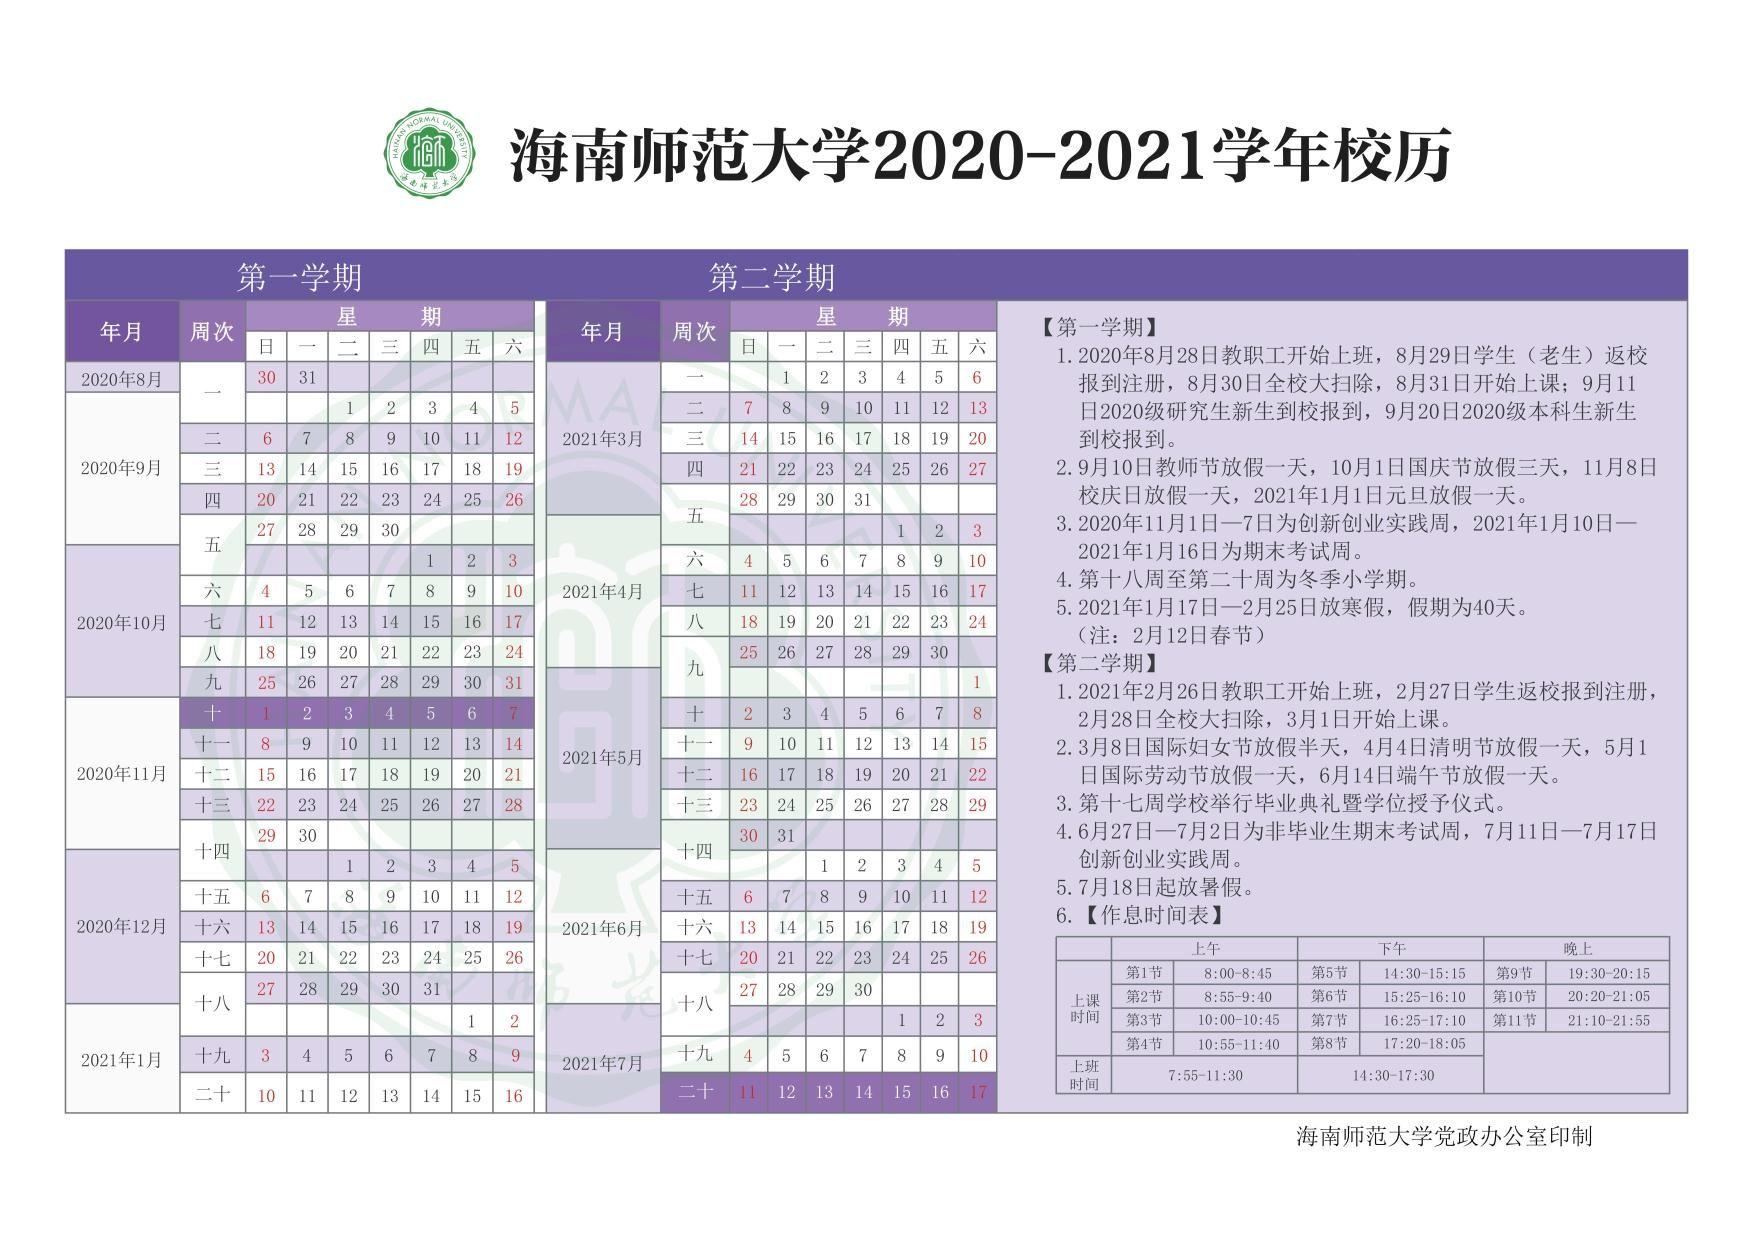 2020-2021学年校历